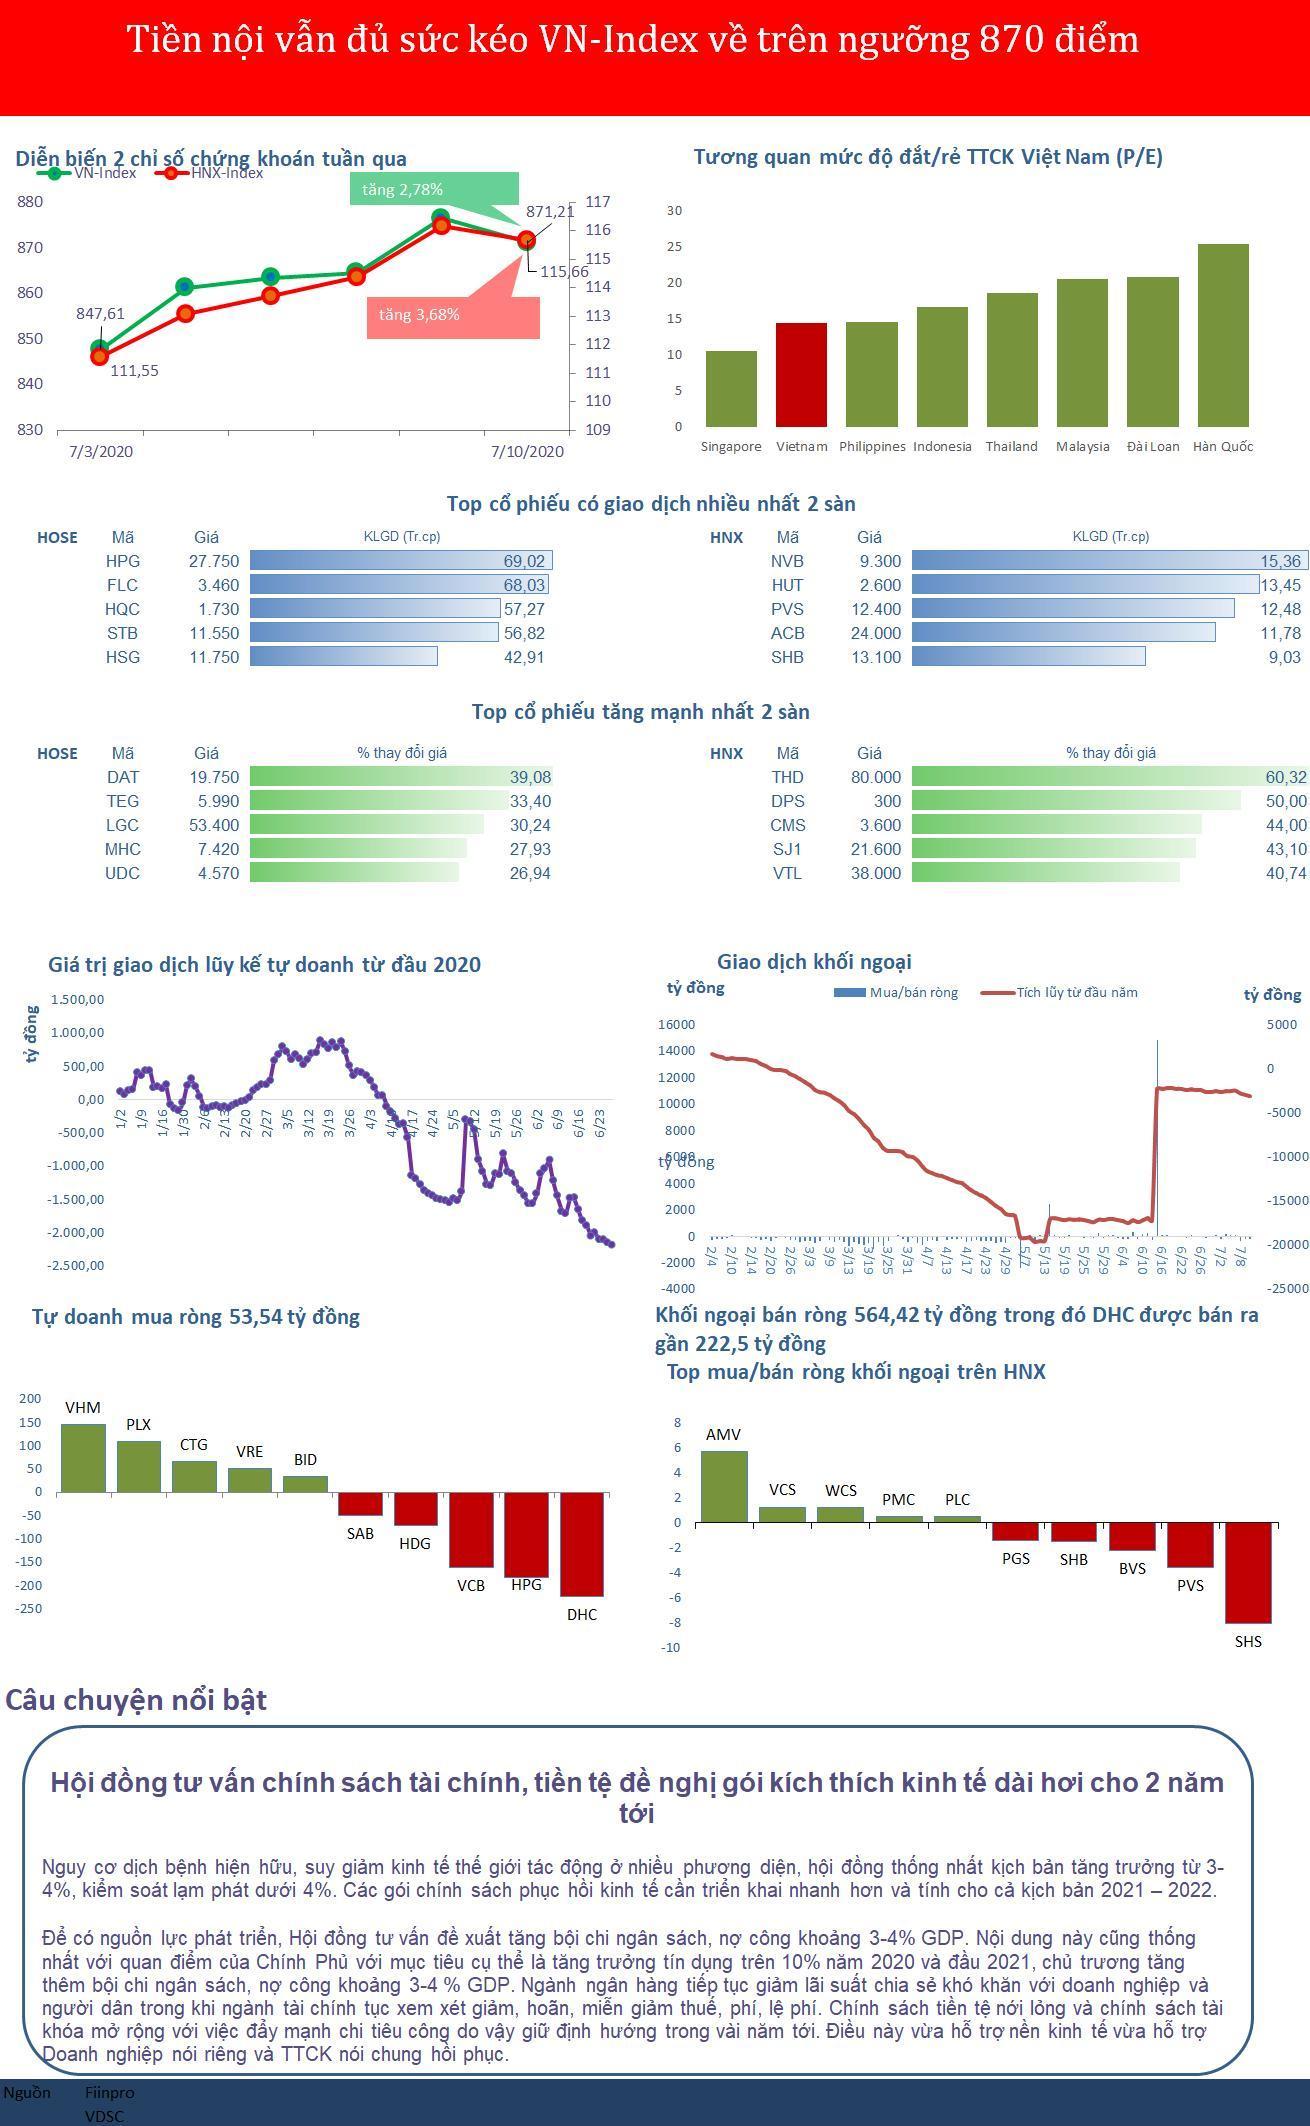 Tiền nội vẫn đủ sức kéo VN-Index về trên ngưỡng 870 điểm Ảnh 1